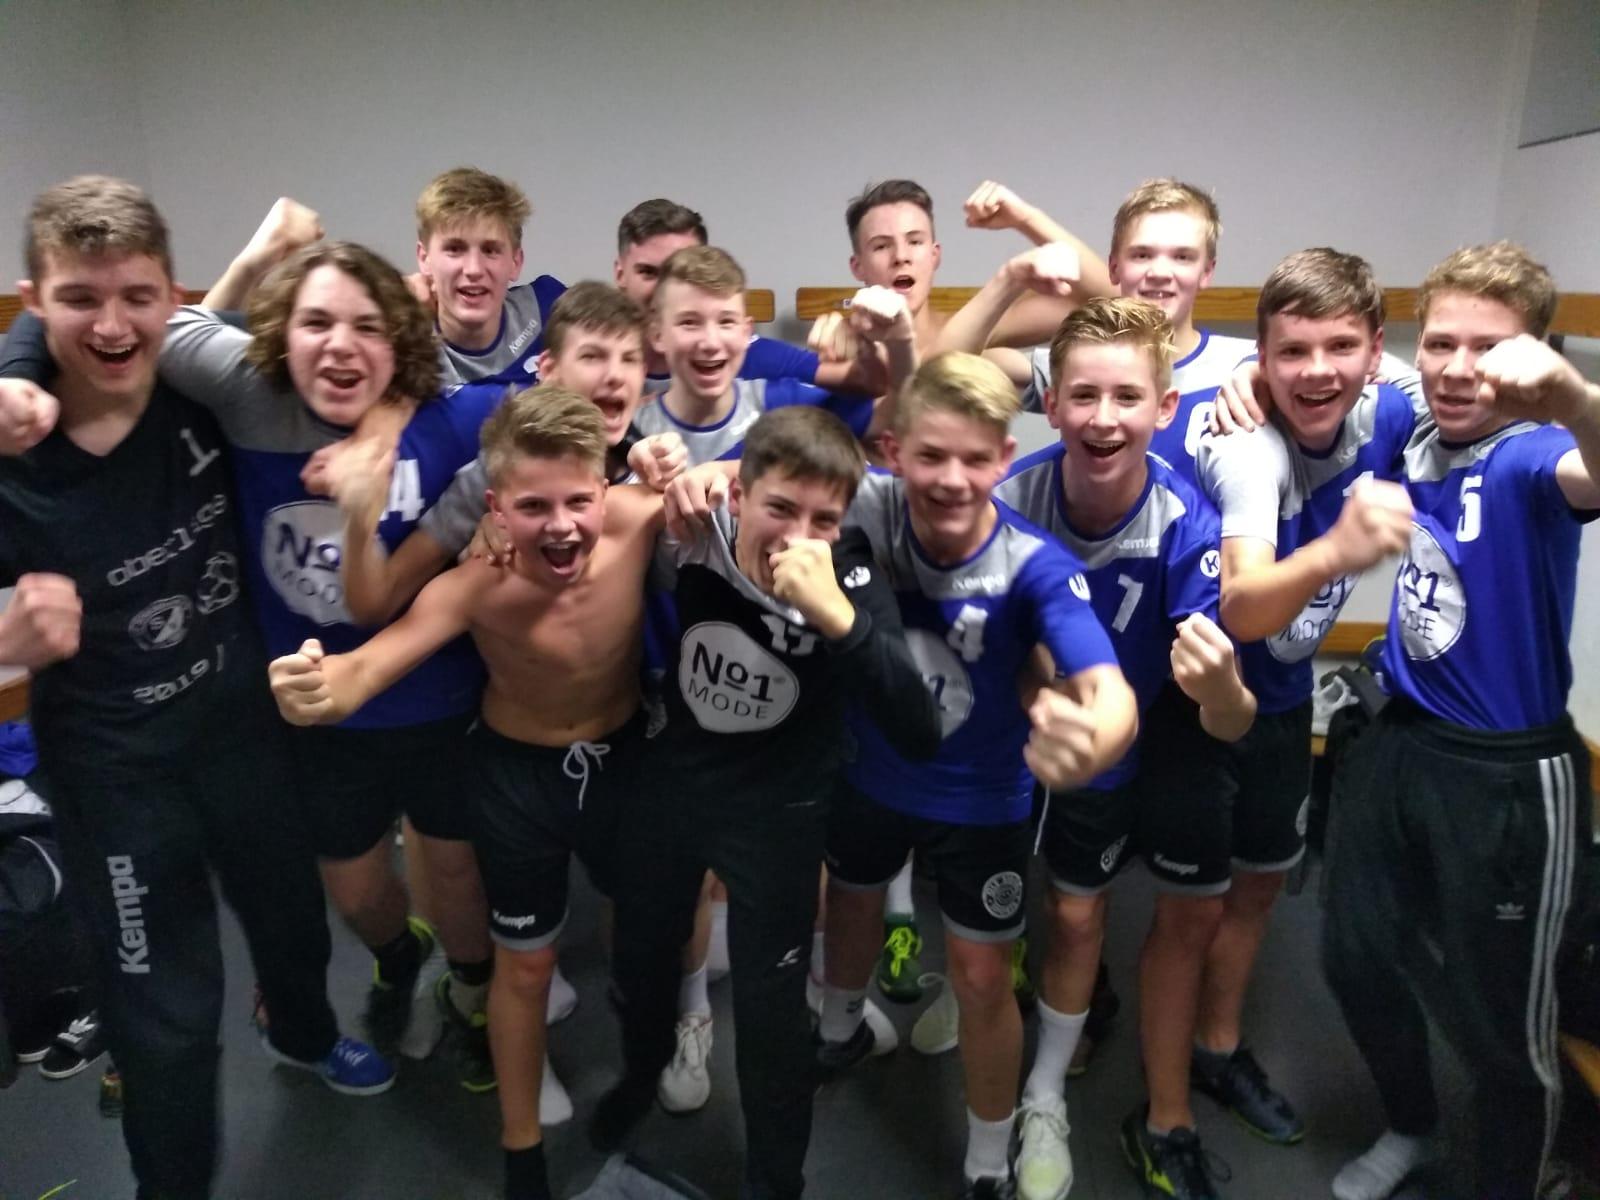 Stöckheimer C-Jugendhandballer gewinnen das Derby gegen den MTV Braunschweig